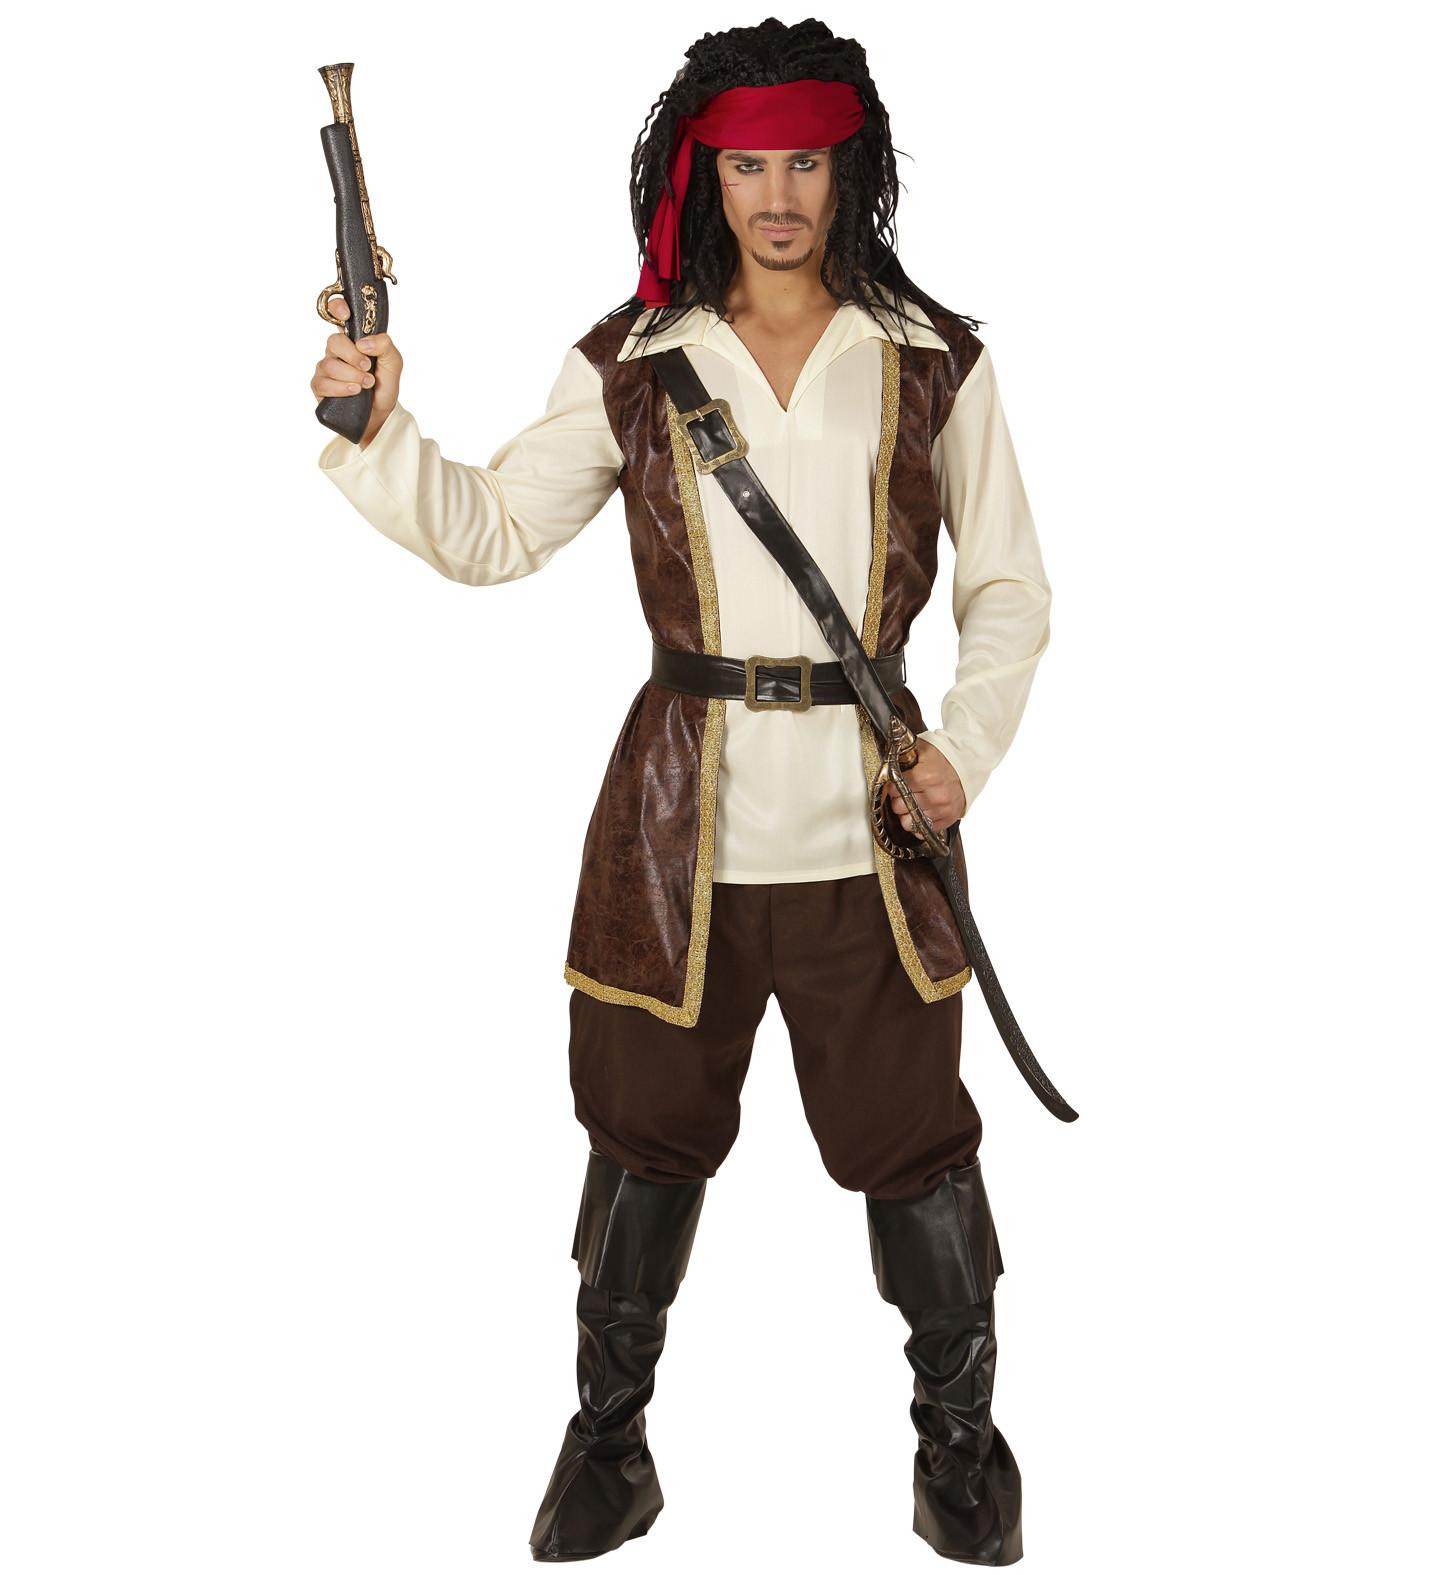 qualità e quantità assicurate 50-70% di sconto aspetto estetico Costume Carnevale Uomo , Travestimento Da Pirata PS 24892